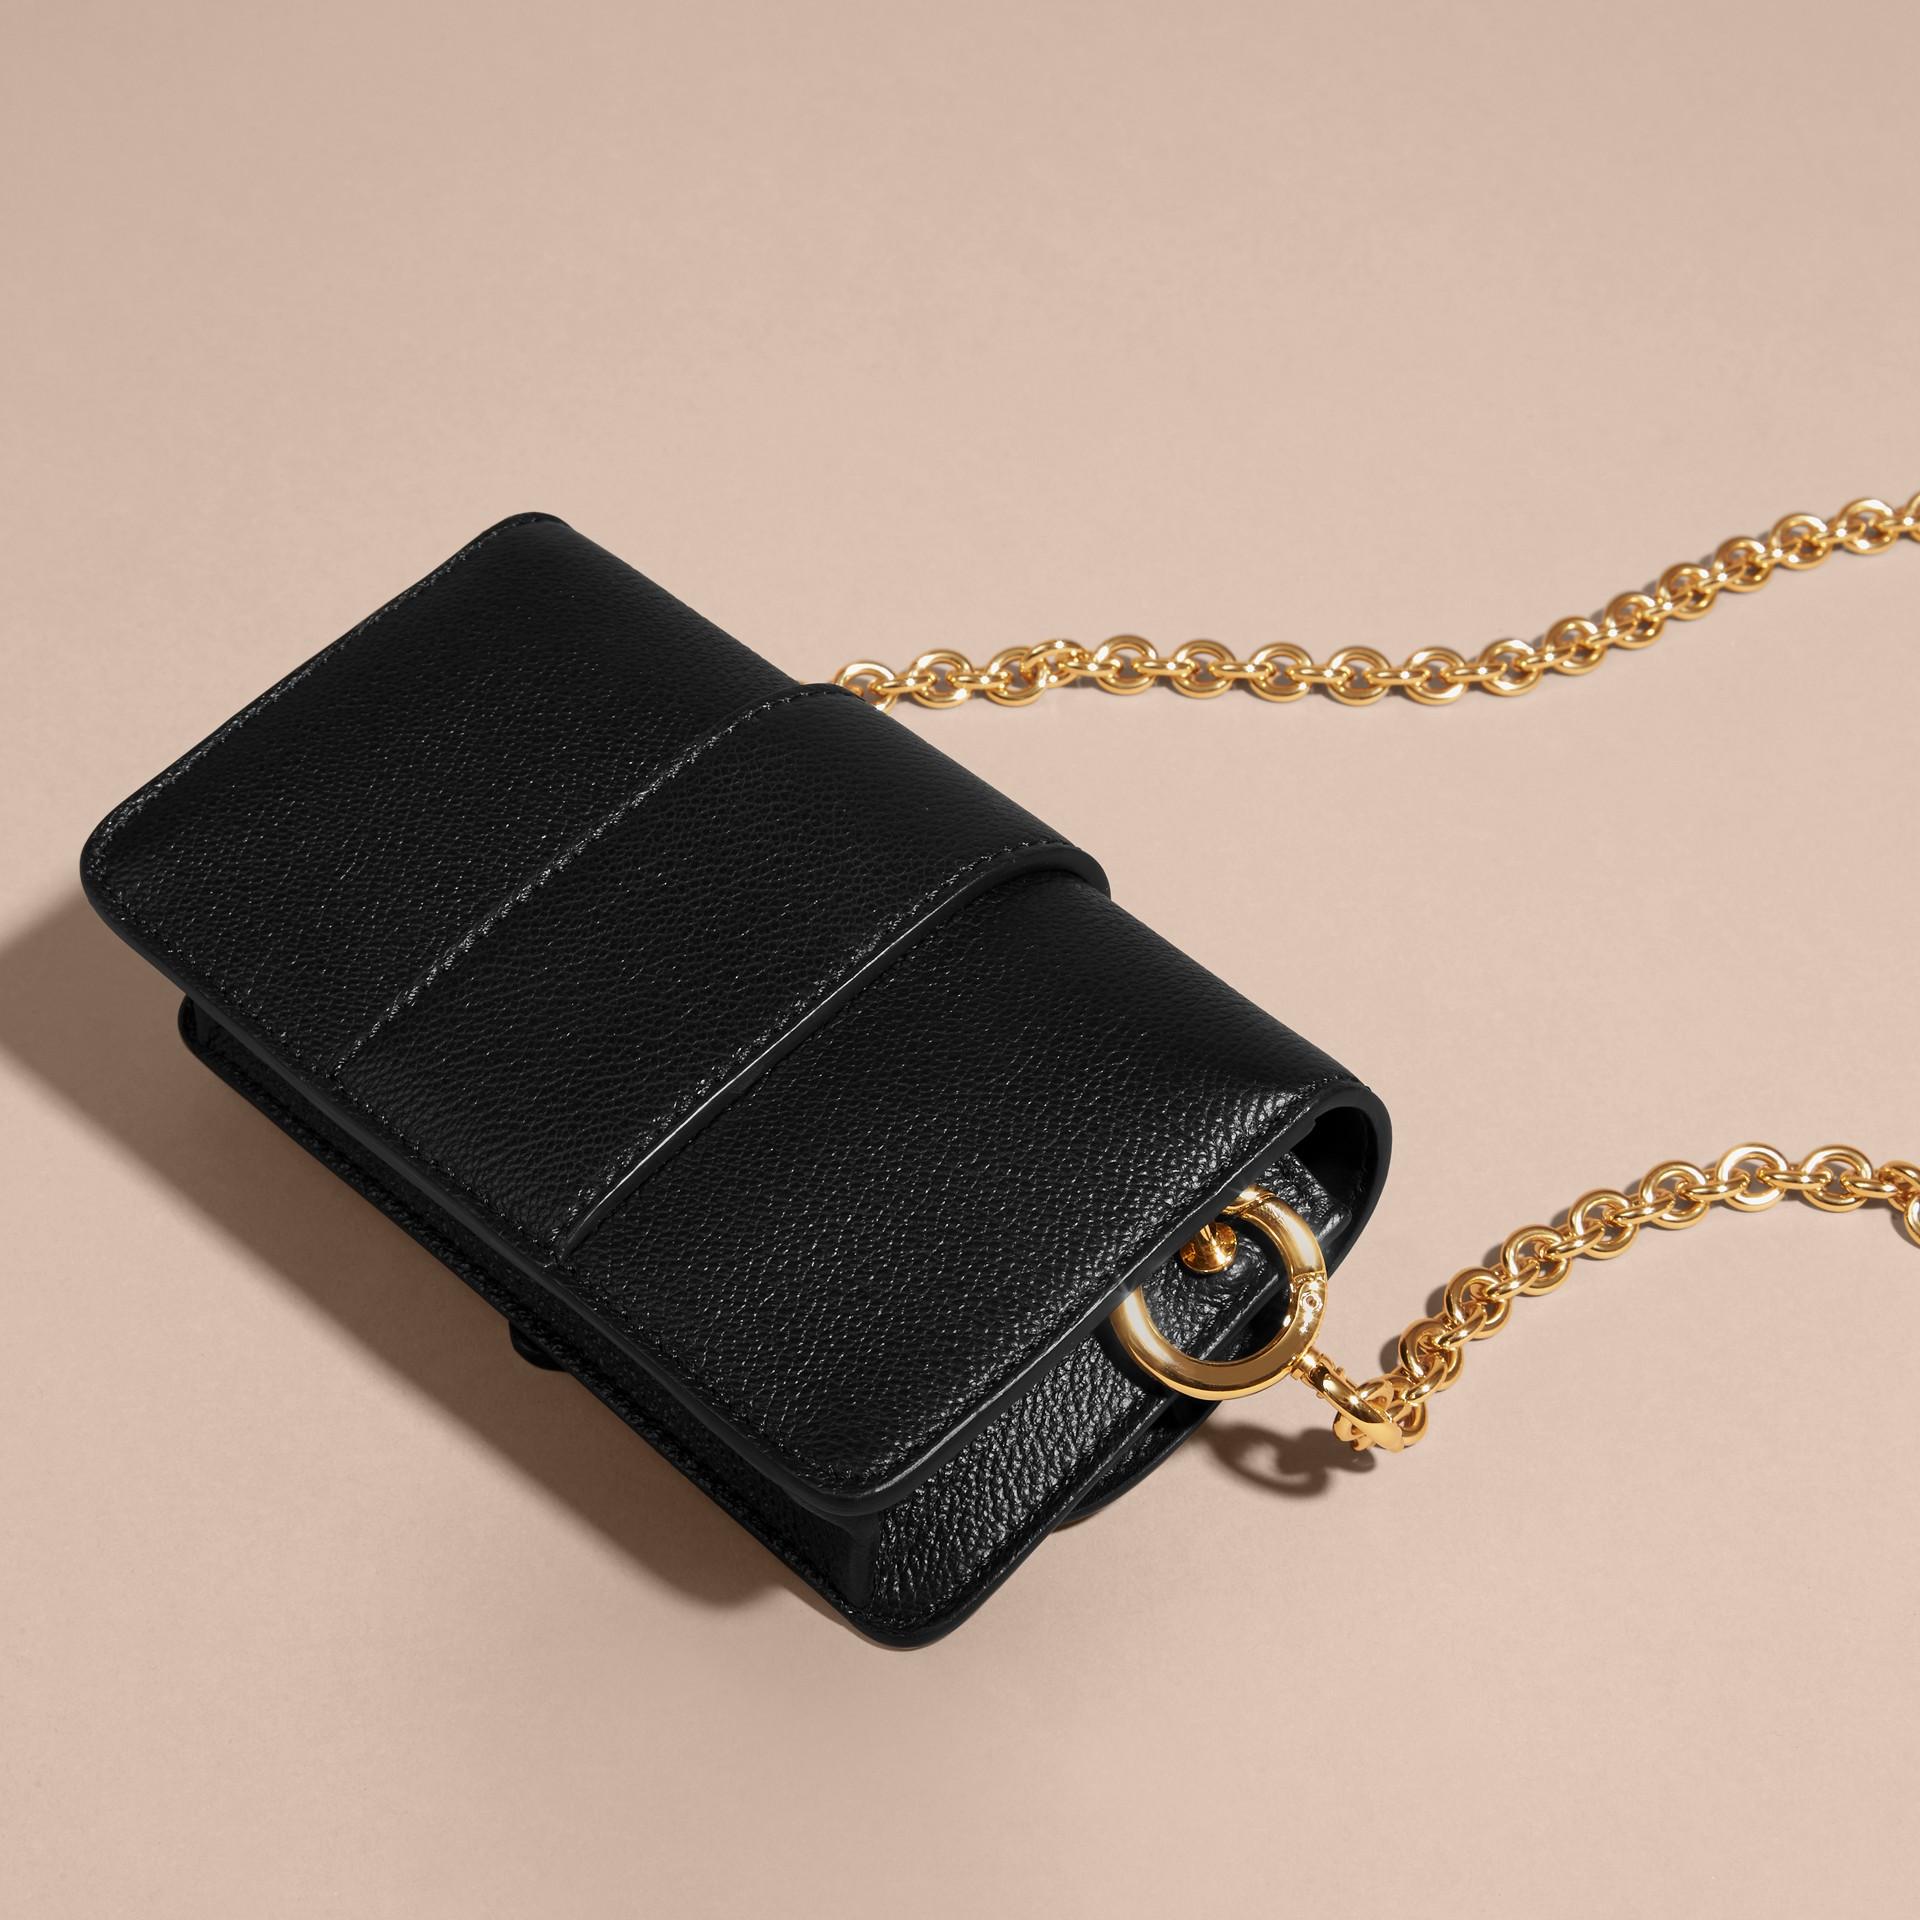 Schwarz The Mini Buckle Bag aus genarbtem Leder Schwarz - Galerie-Bild 8